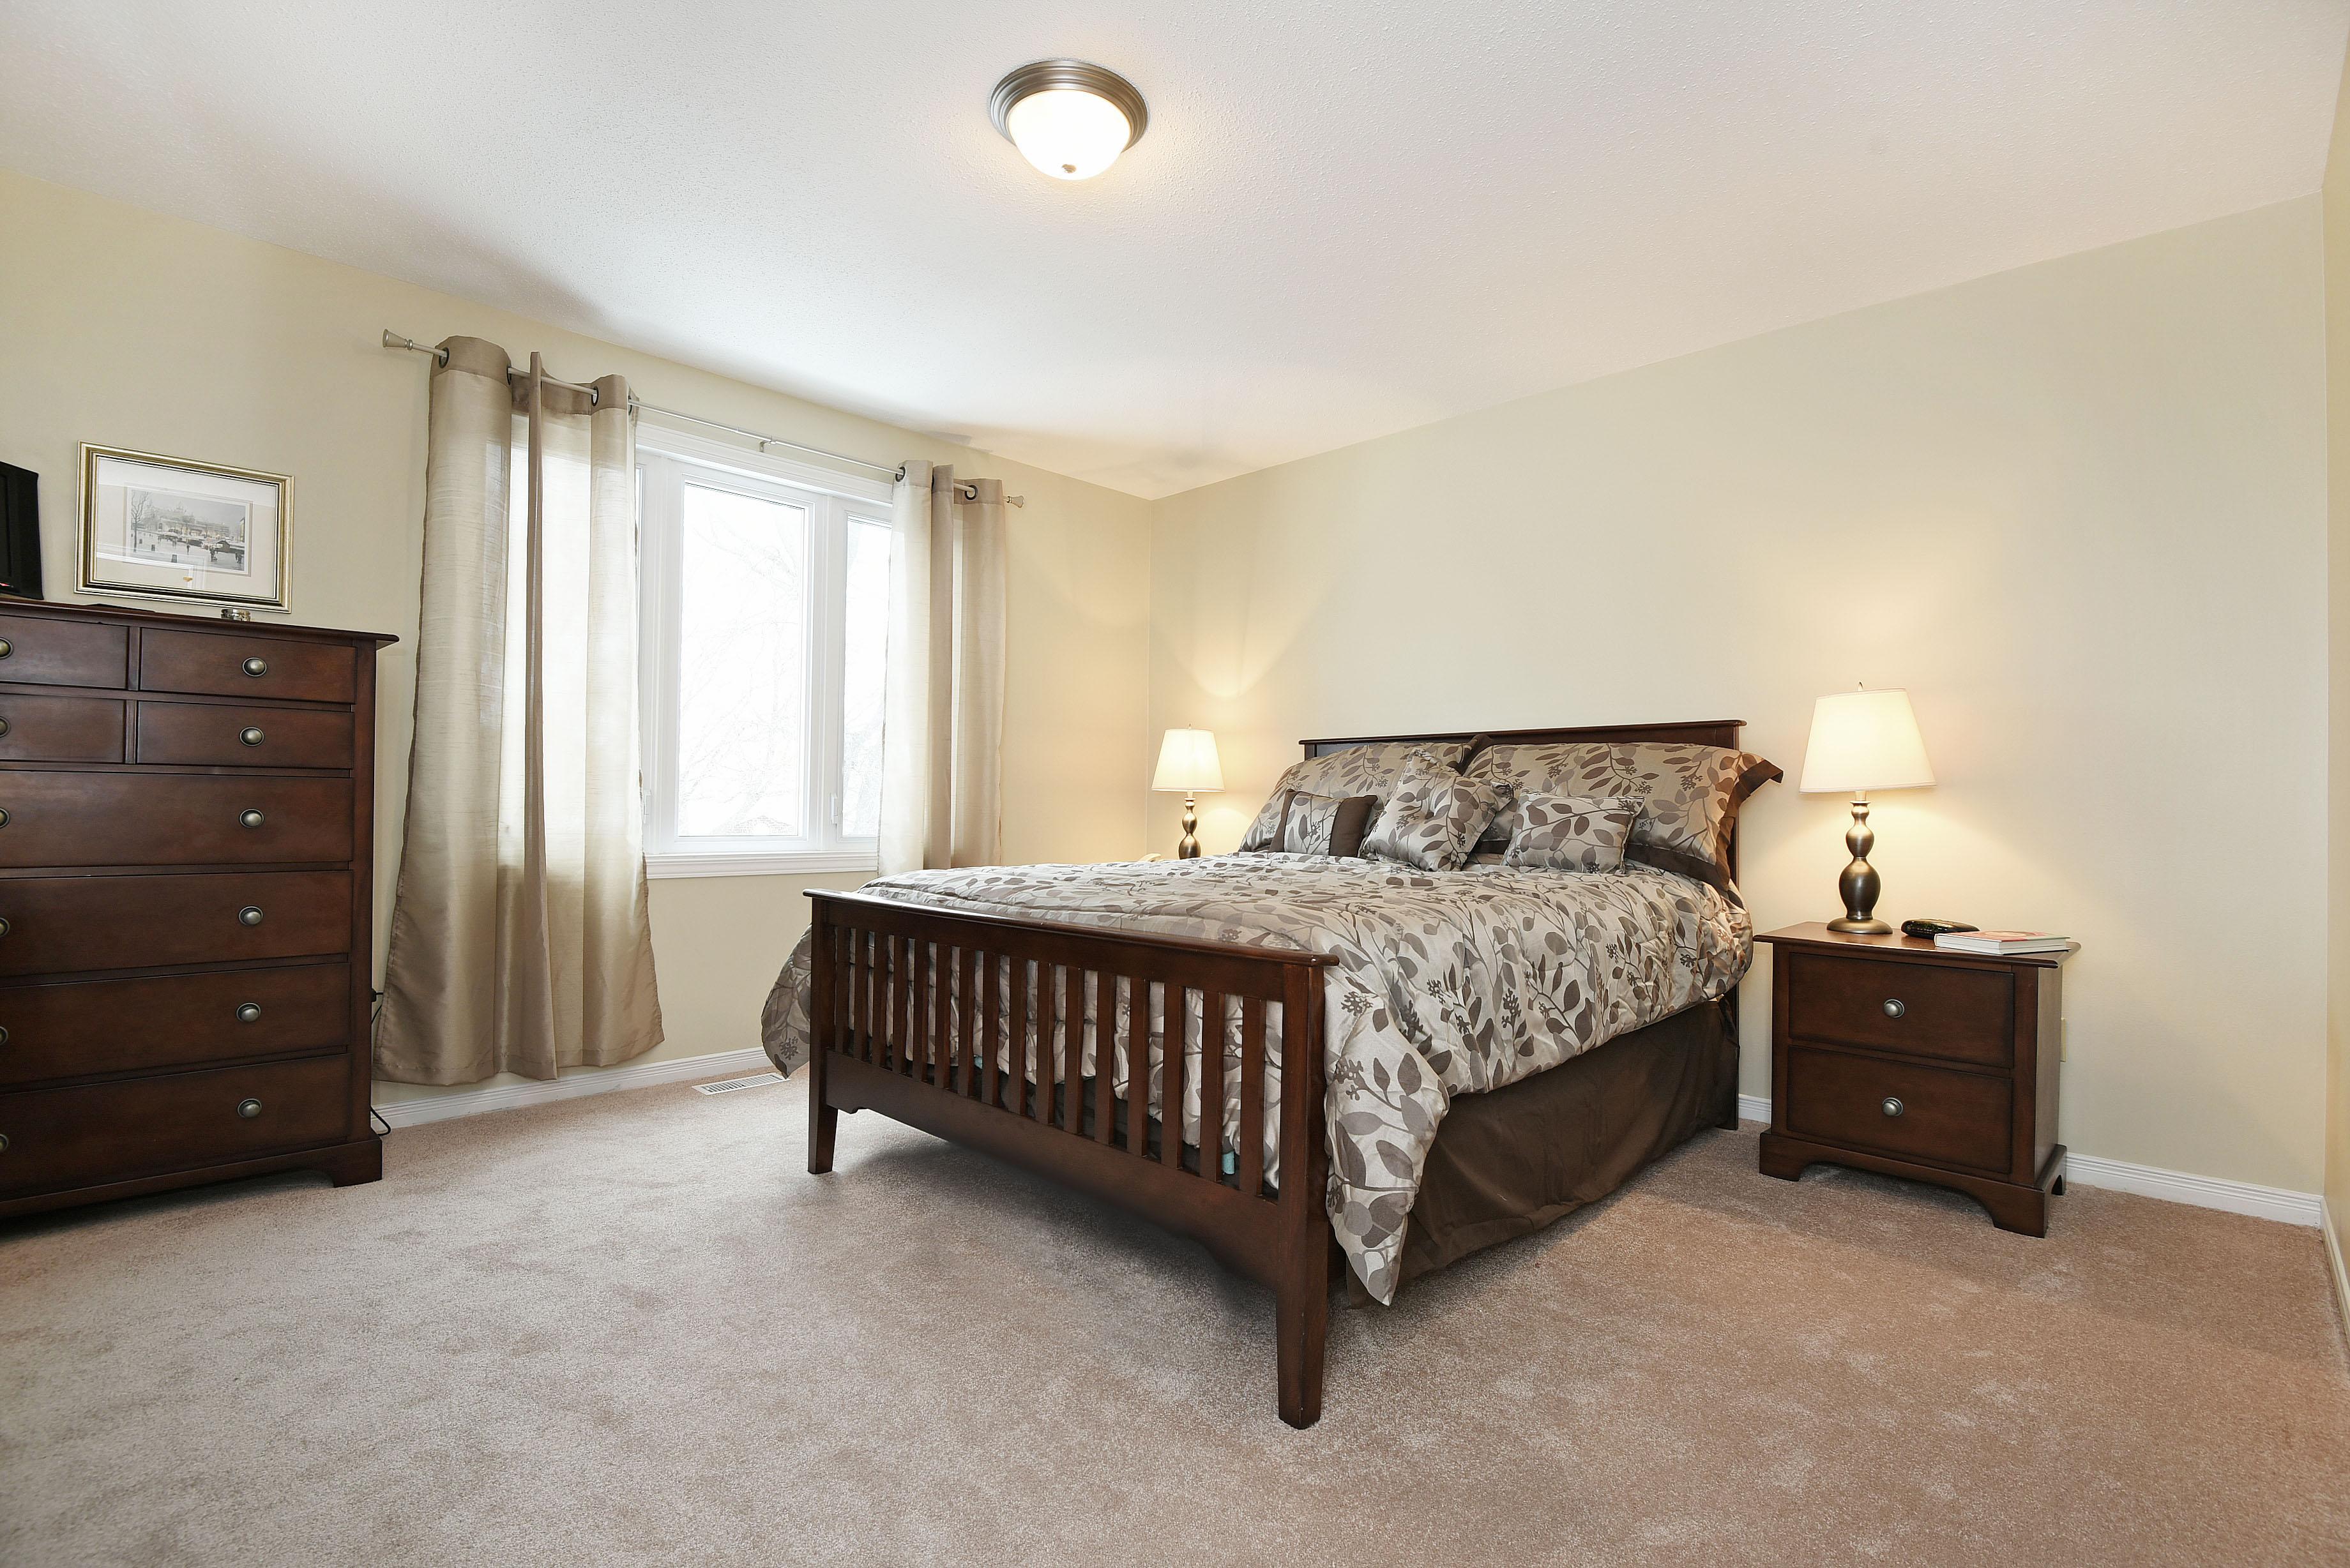 Selling Luxury Lifestyle Properties 4 Keys Way